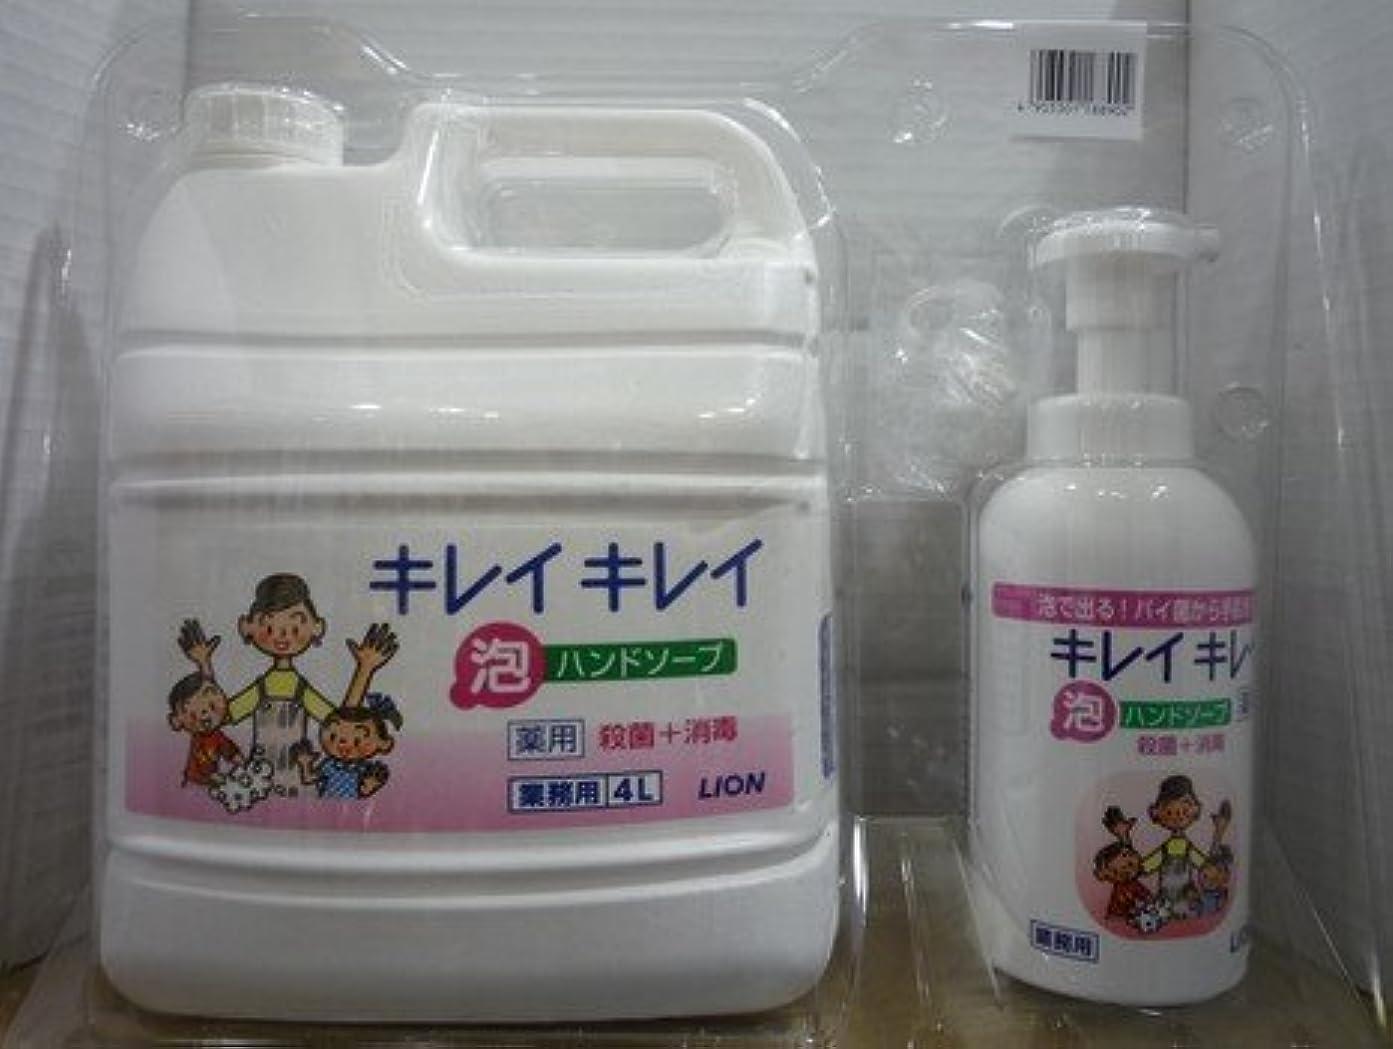 カロリー固体空中キレイキレイ 薬用泡ハンドソープ 業務用 4L+キレイキレイ 薬用泡ハンドソープボトル550ml